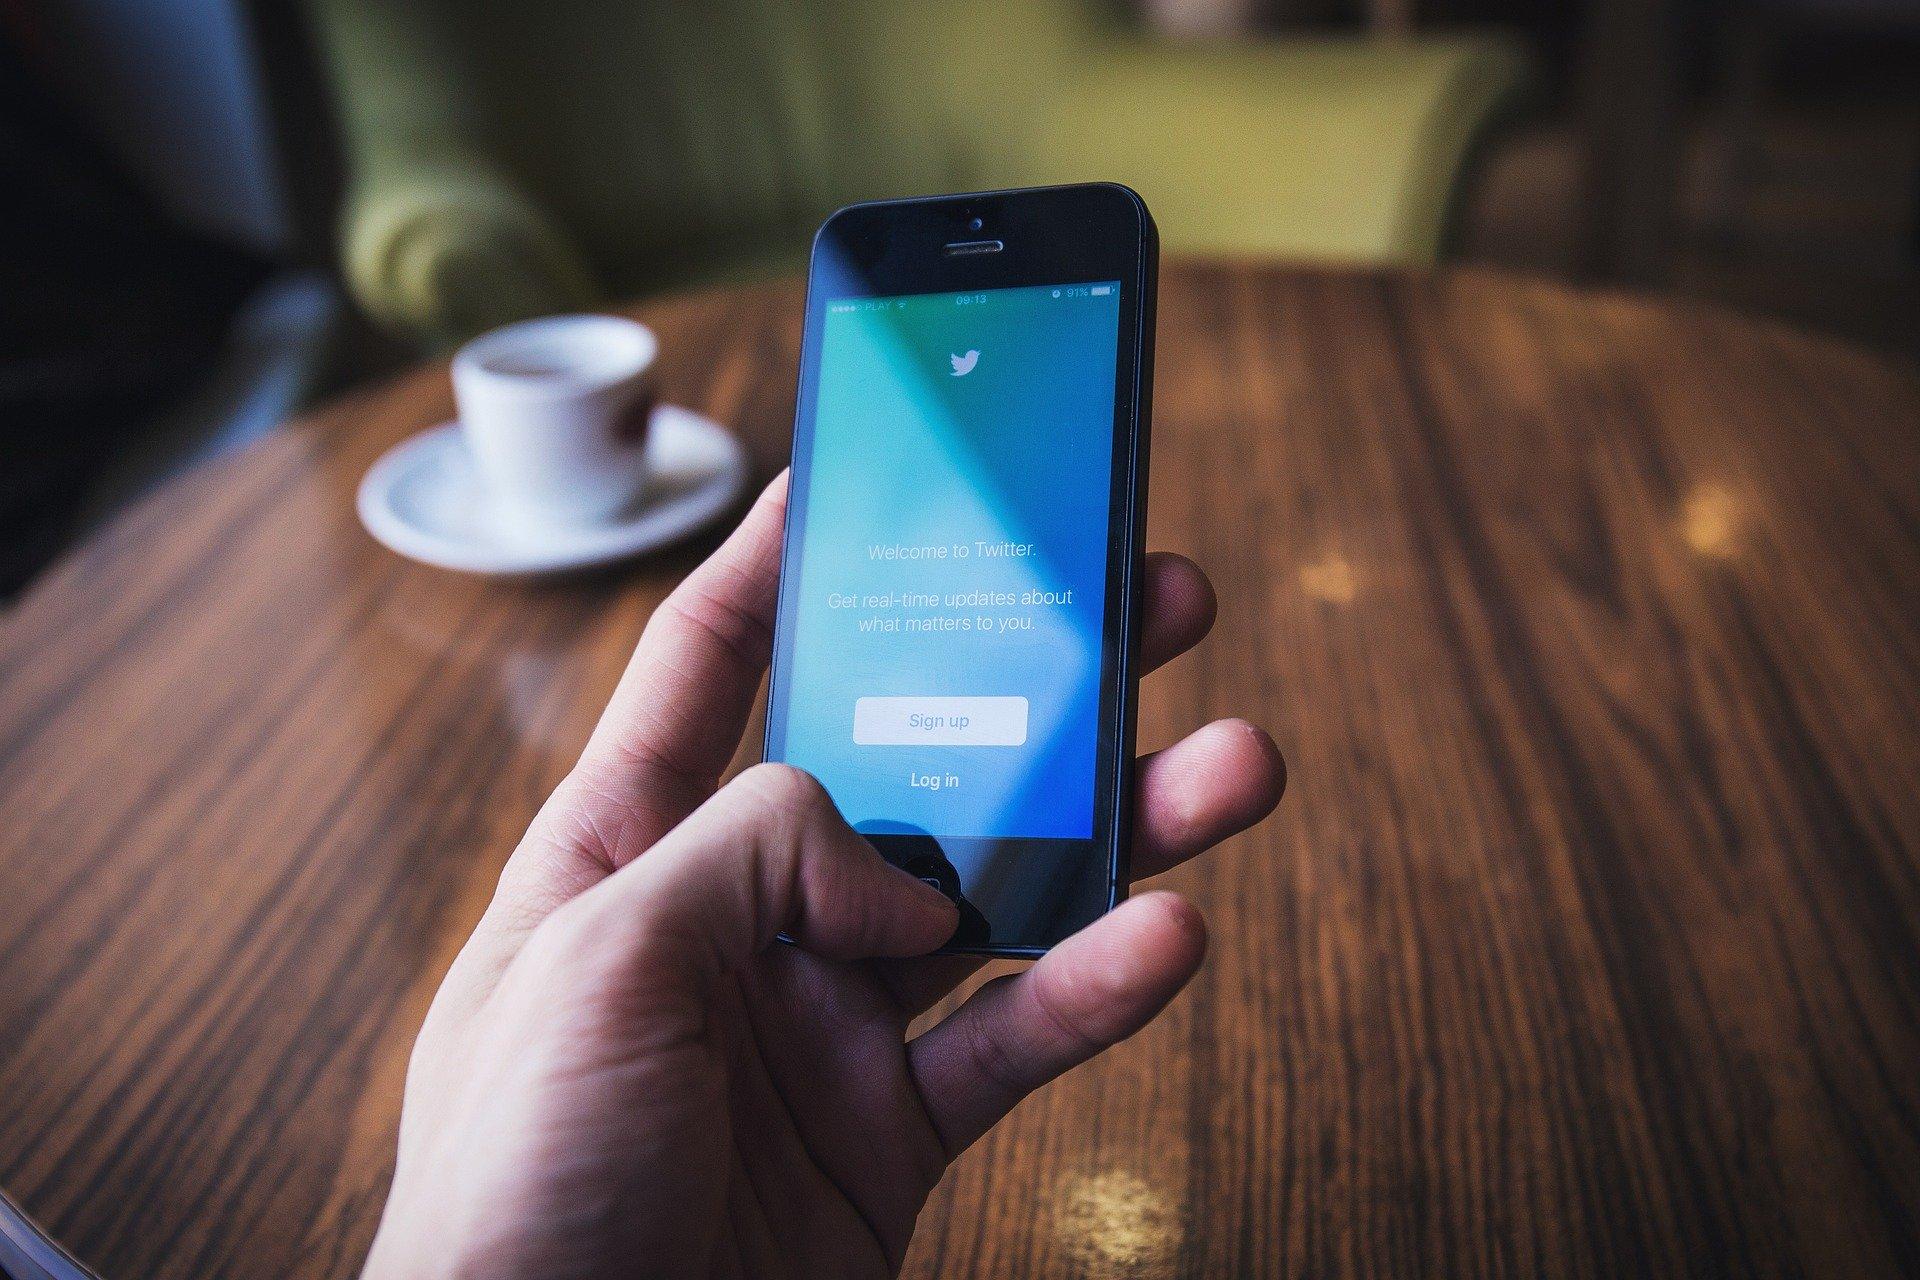 Twitter-Anmeldeseite auf Smartphone